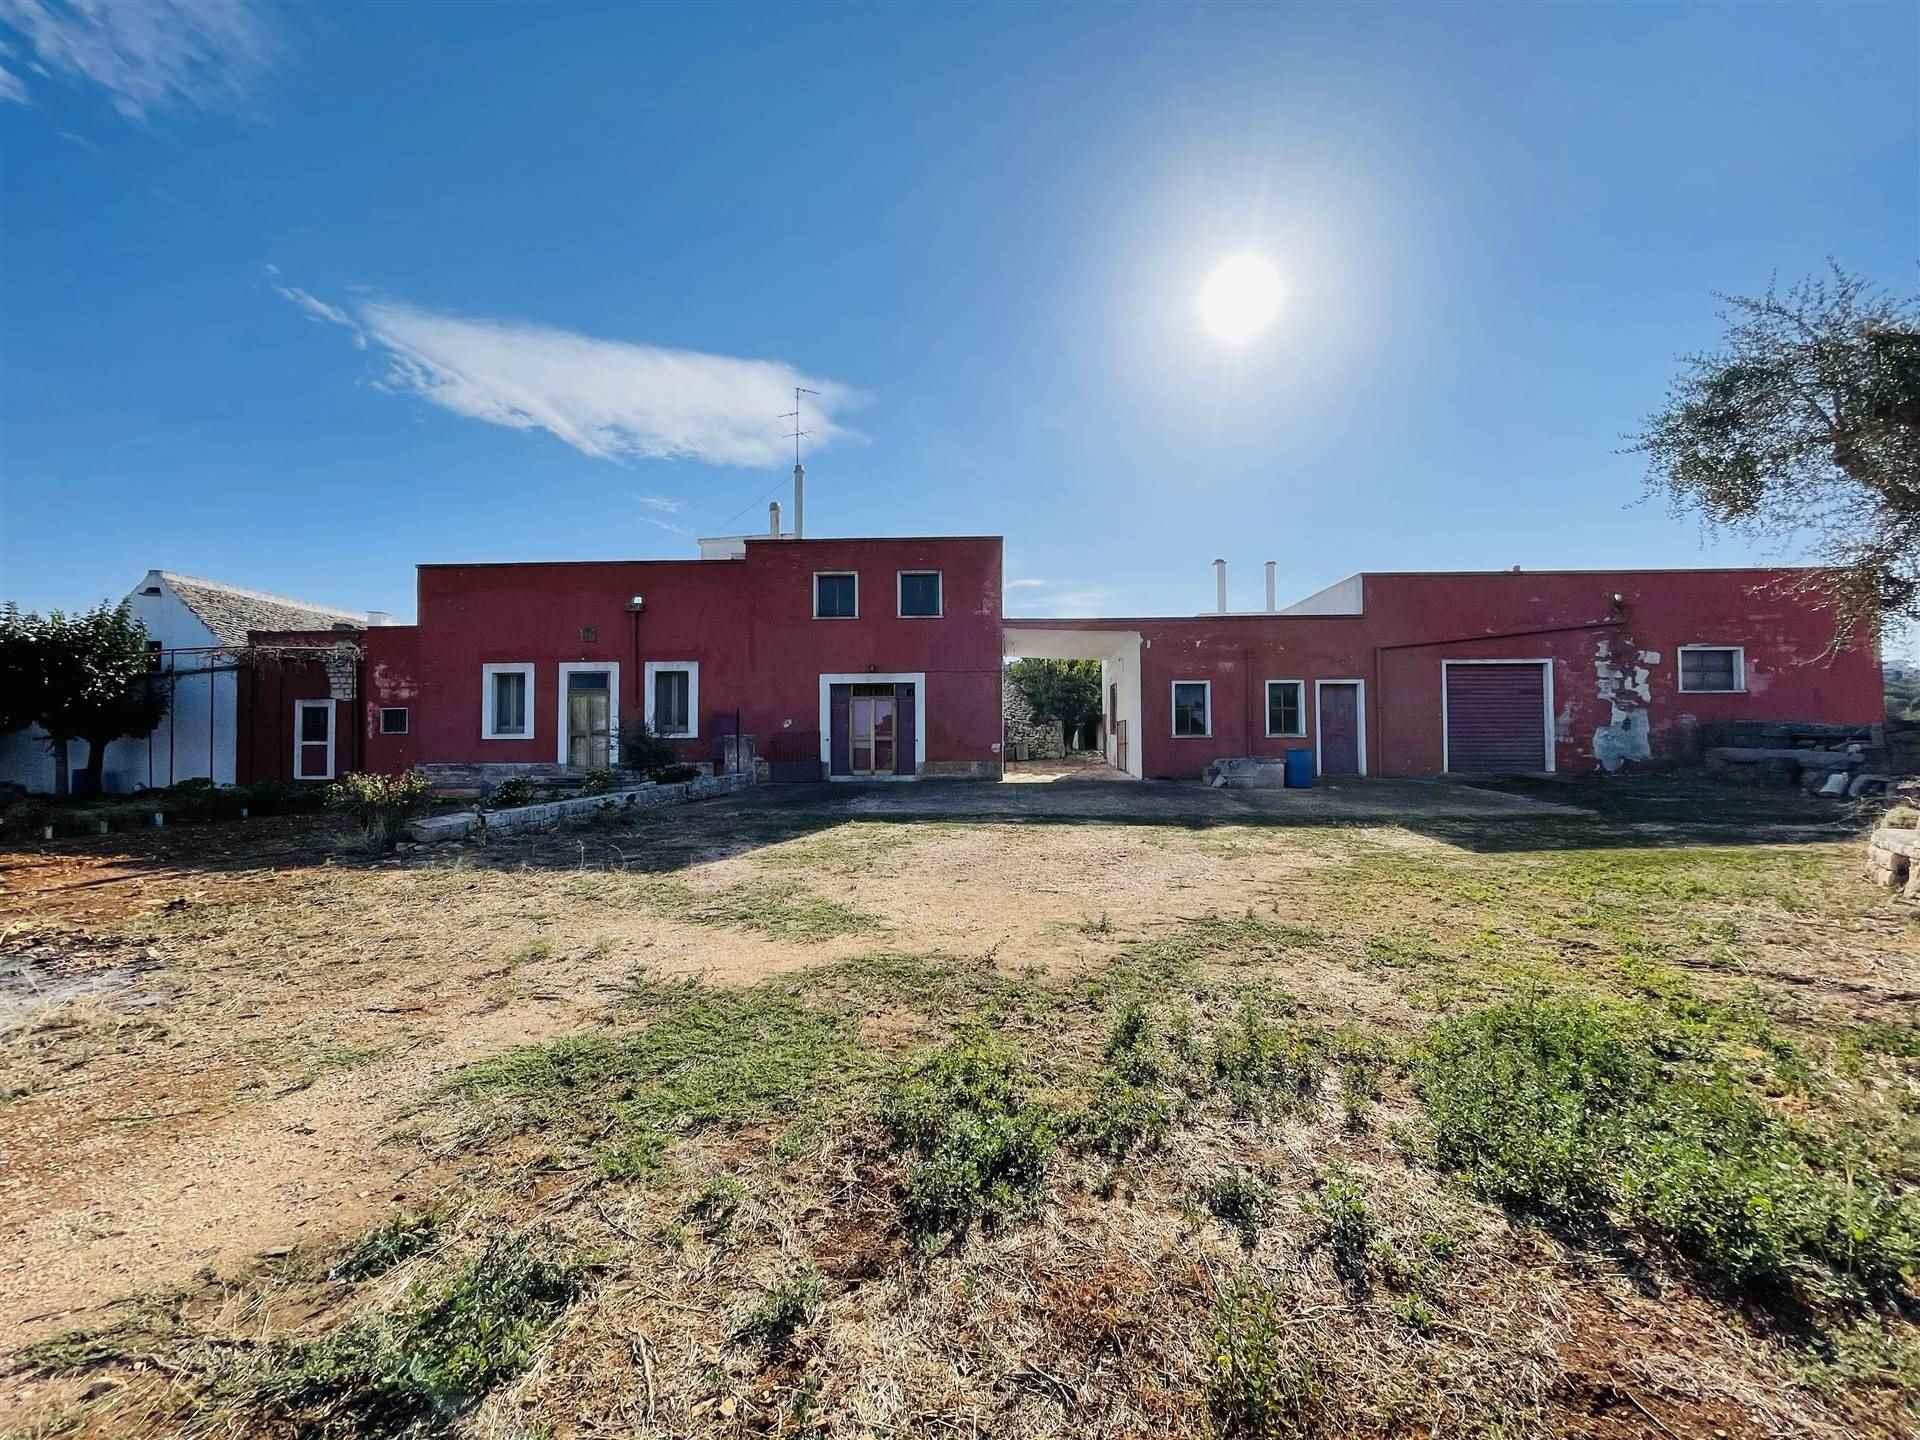 Posizionata tra le mete turistiche della valle D'Itria, proponiamo in vendita la Masseria Papatafaro un'unica opportunità immobiliare. La residenza è circondata da un'estensione di tre ettari di